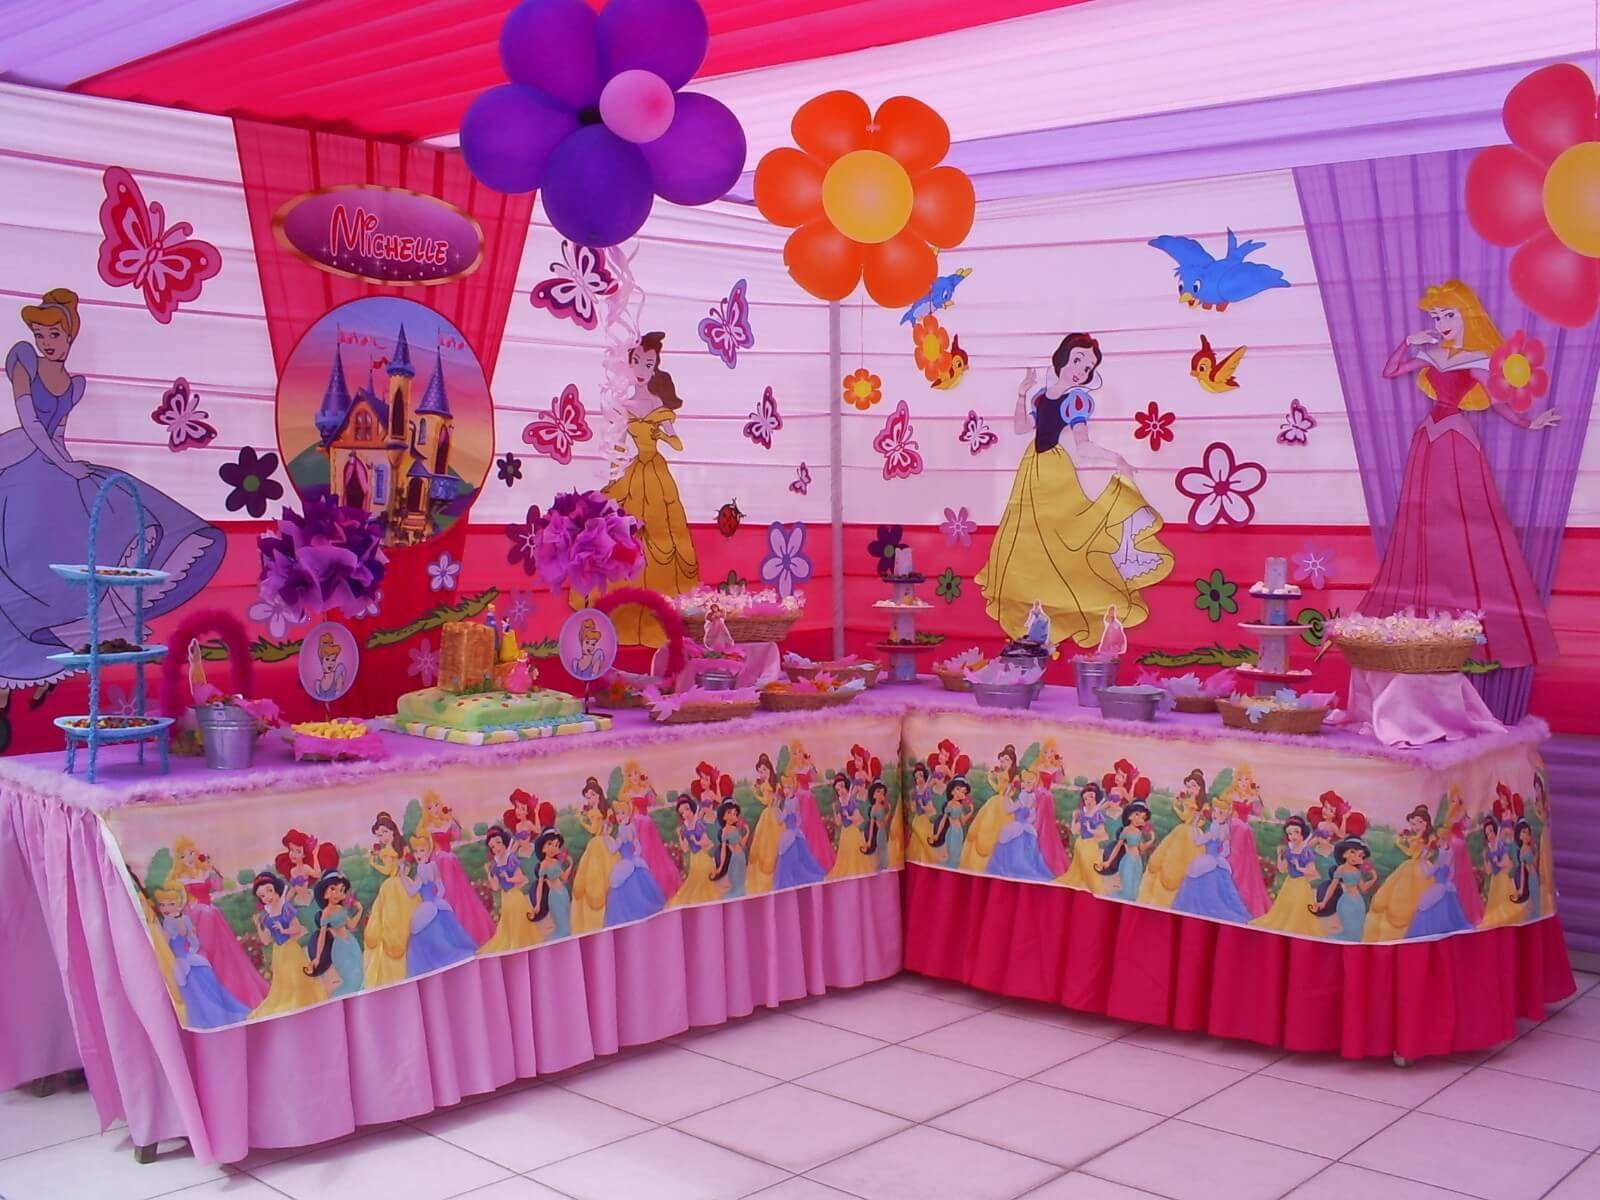 Decoracion de fiestas 1600 1200 - Decoracion fiesta cumpleanos infantil ...